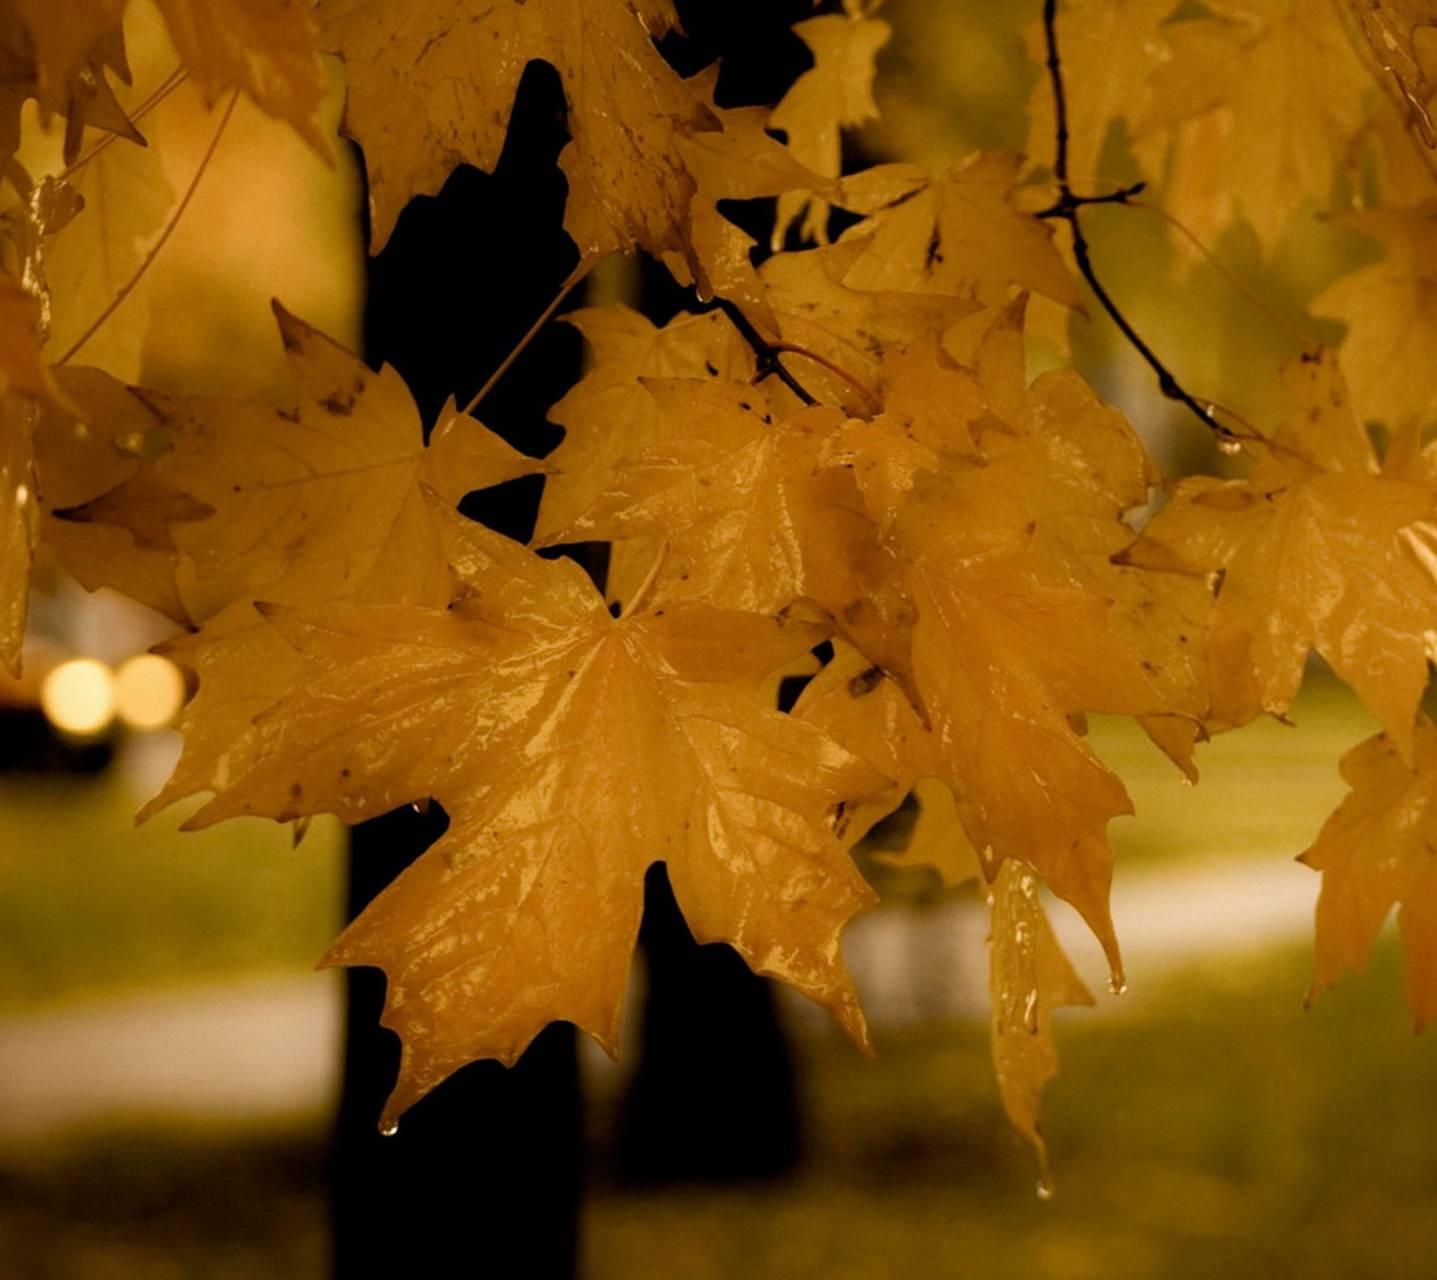 Autumin Leaf